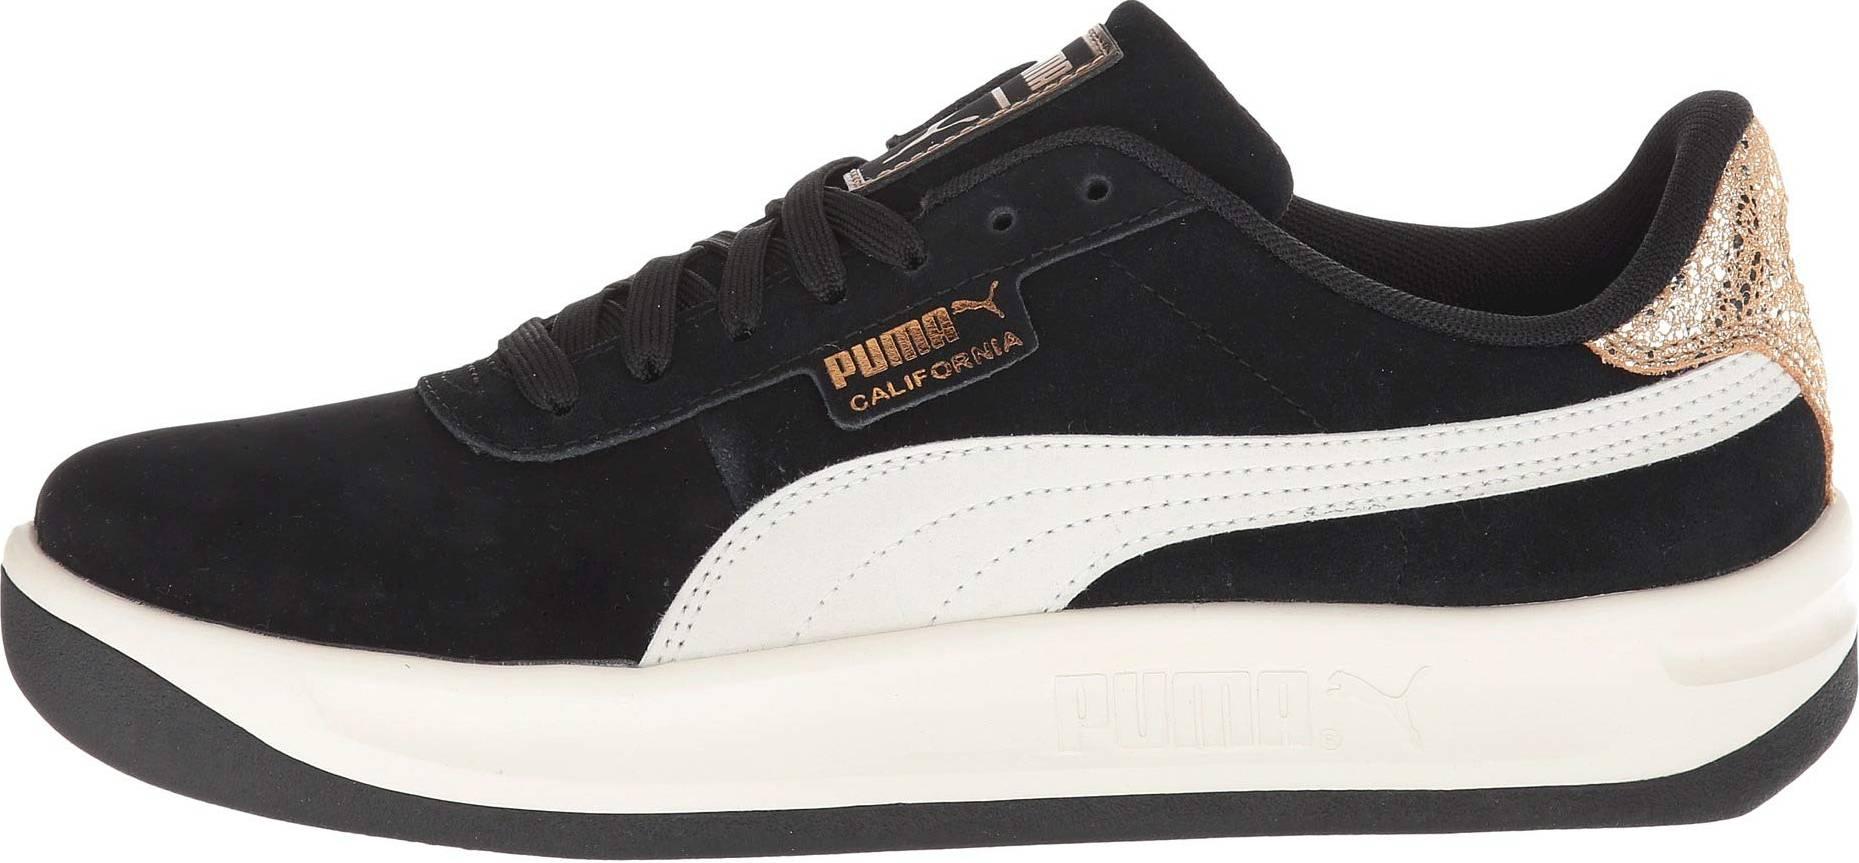 Puma California Metallic sneakers in black (only $60) | RunRepeat